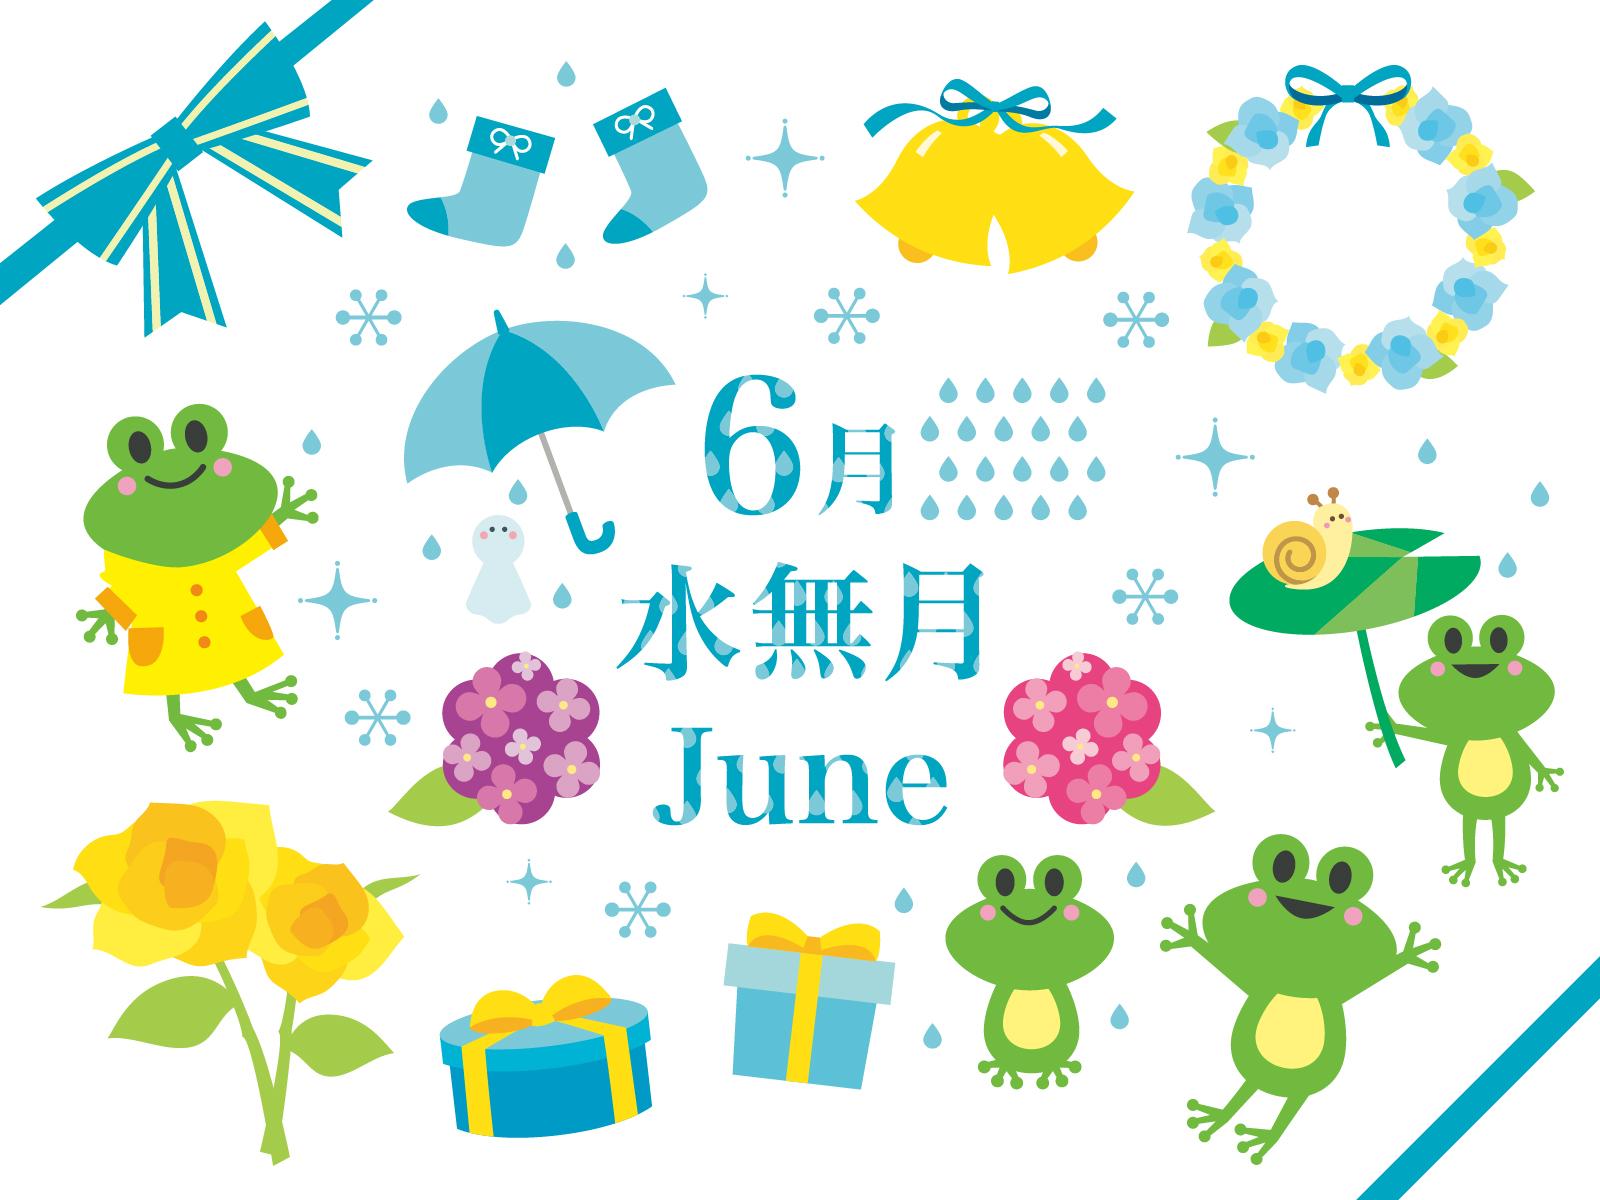 【6月の工作 15選】高齢者向け!!簡単にできるおすすめの作品集を紹介!